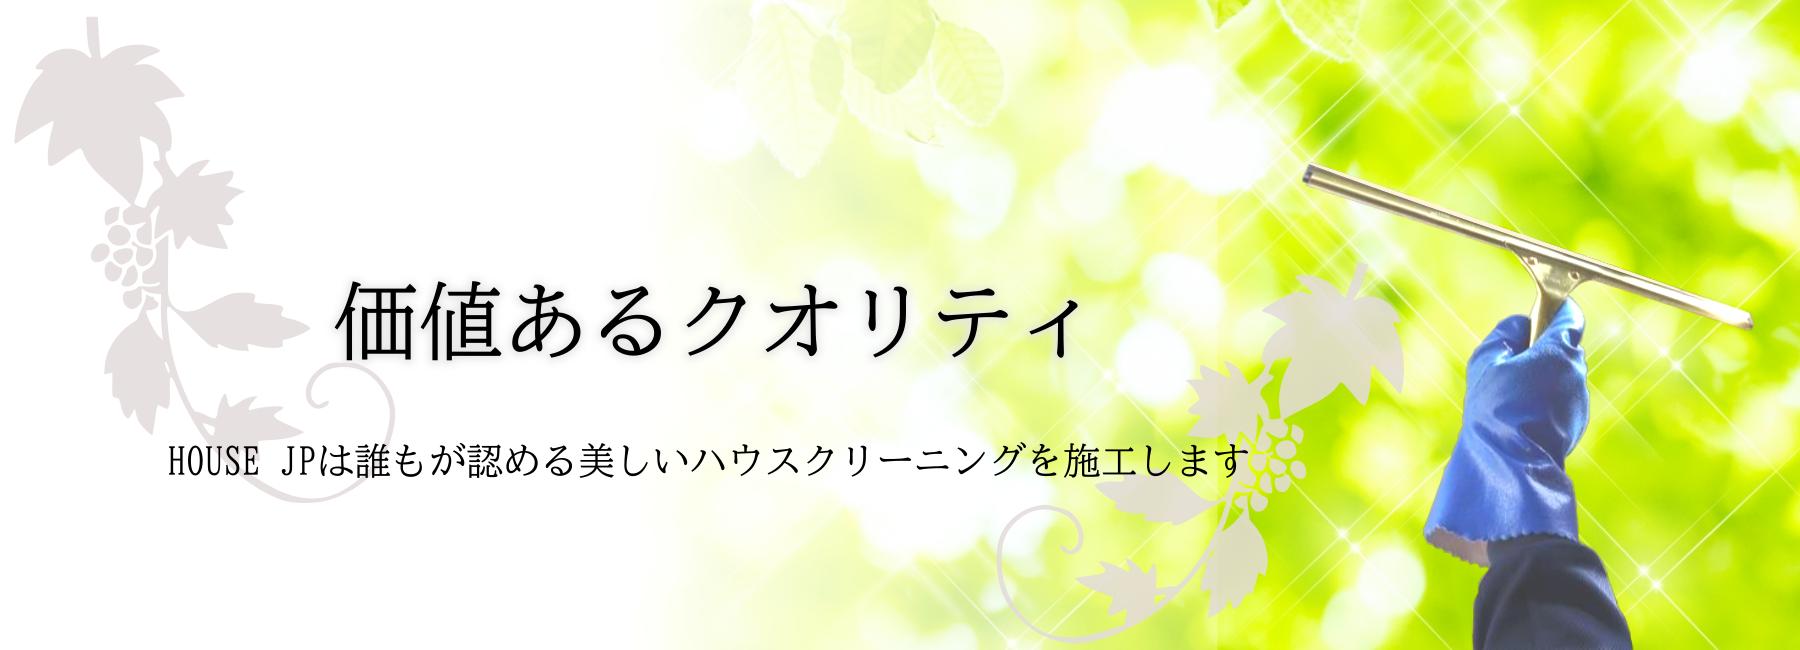 川崎市のHOUSE JP(ハウスジェーピー)は価値あるクオリティの空室クリーニング会社